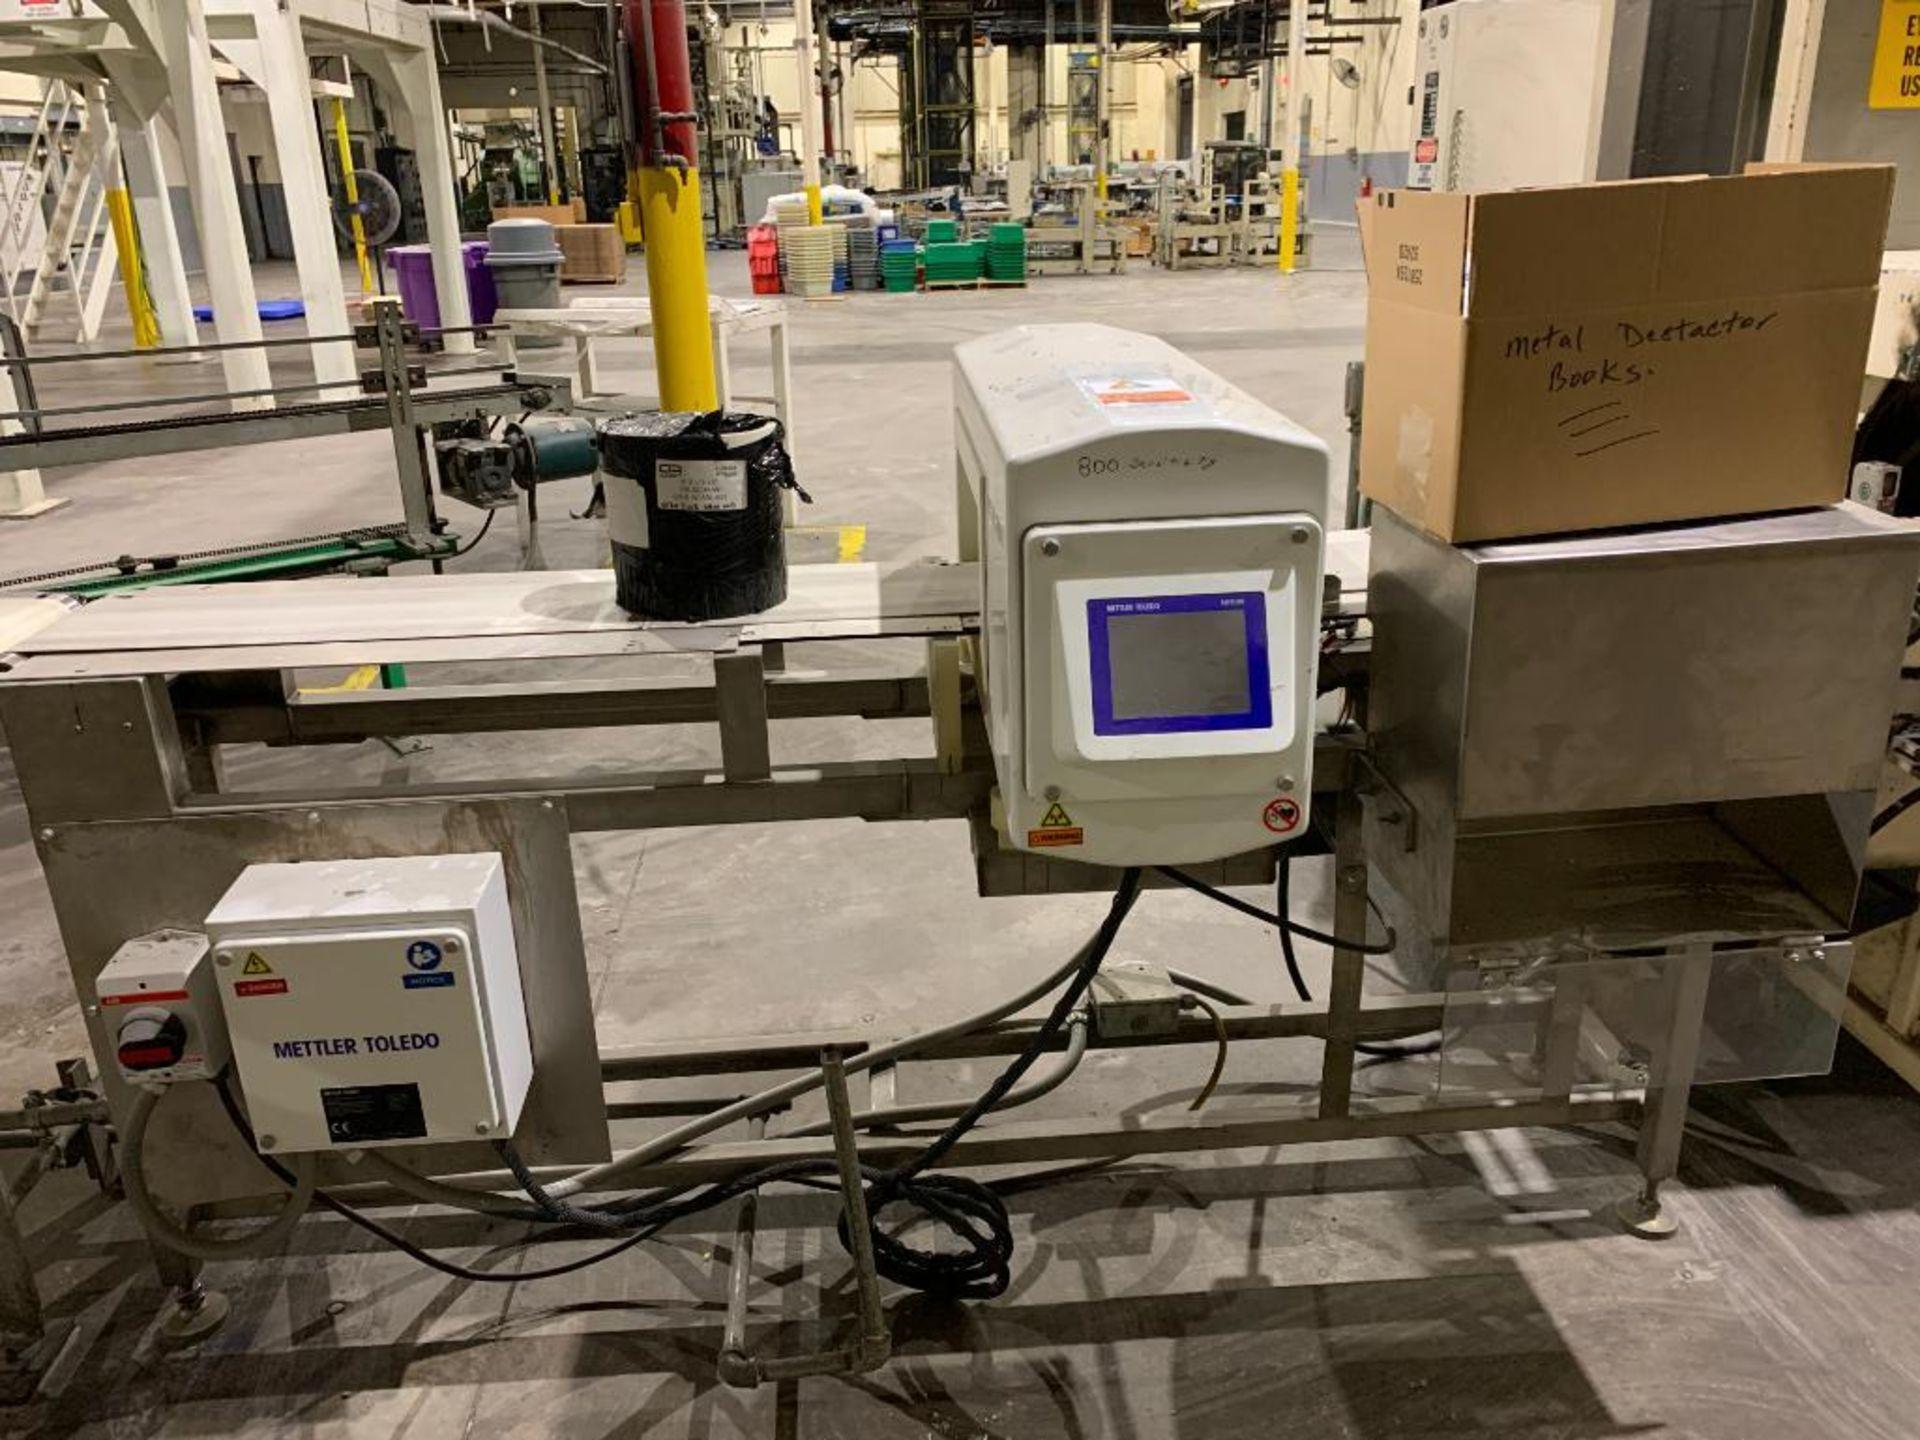 Mettler Toledo metal detector